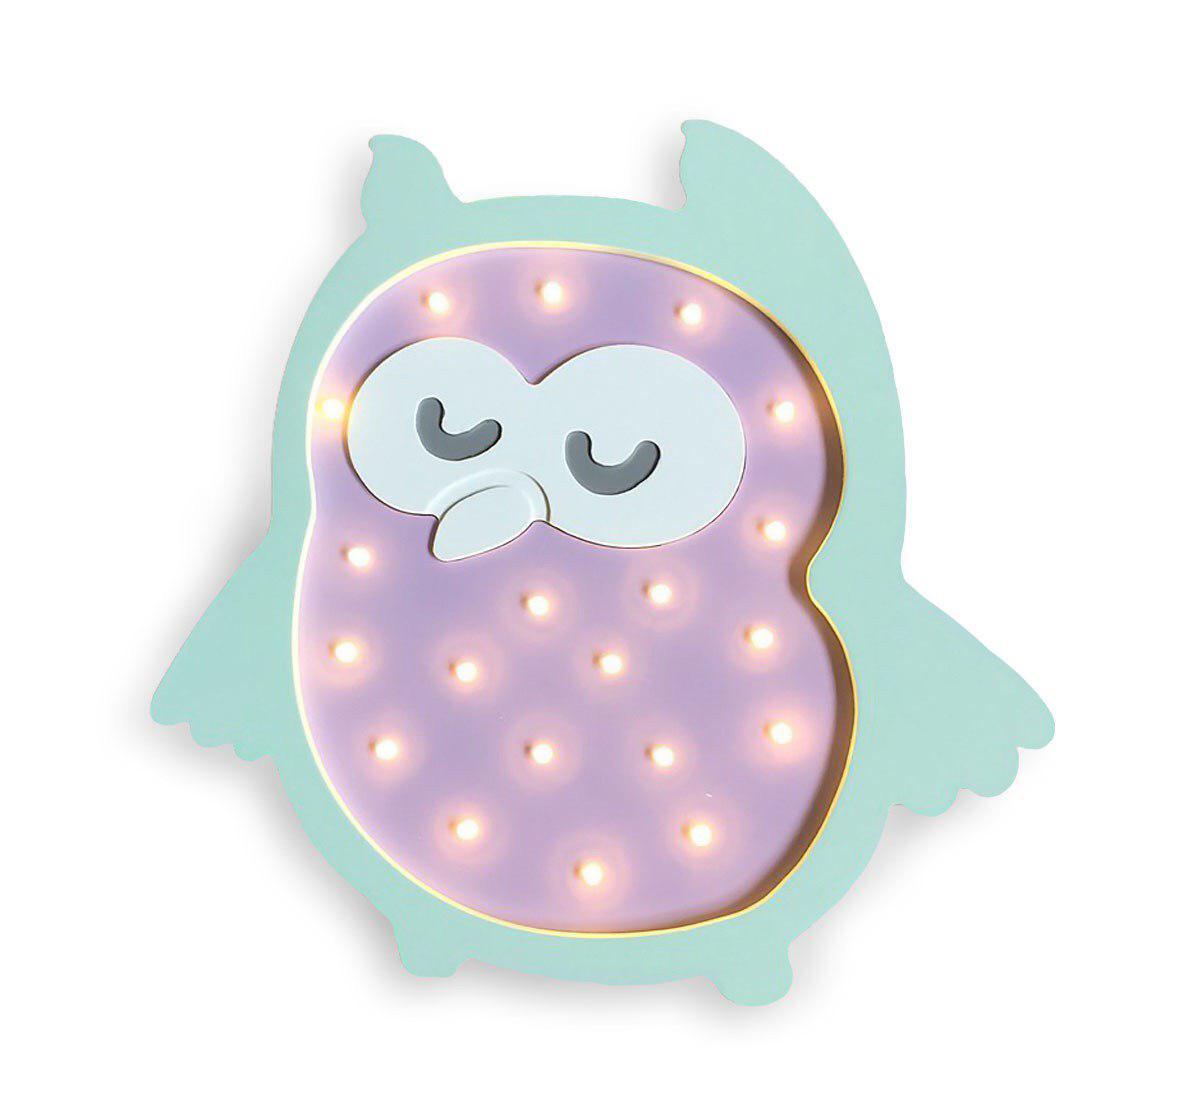 Ночник детский Совенок AKLIGHT010 фиолетовый, мятный